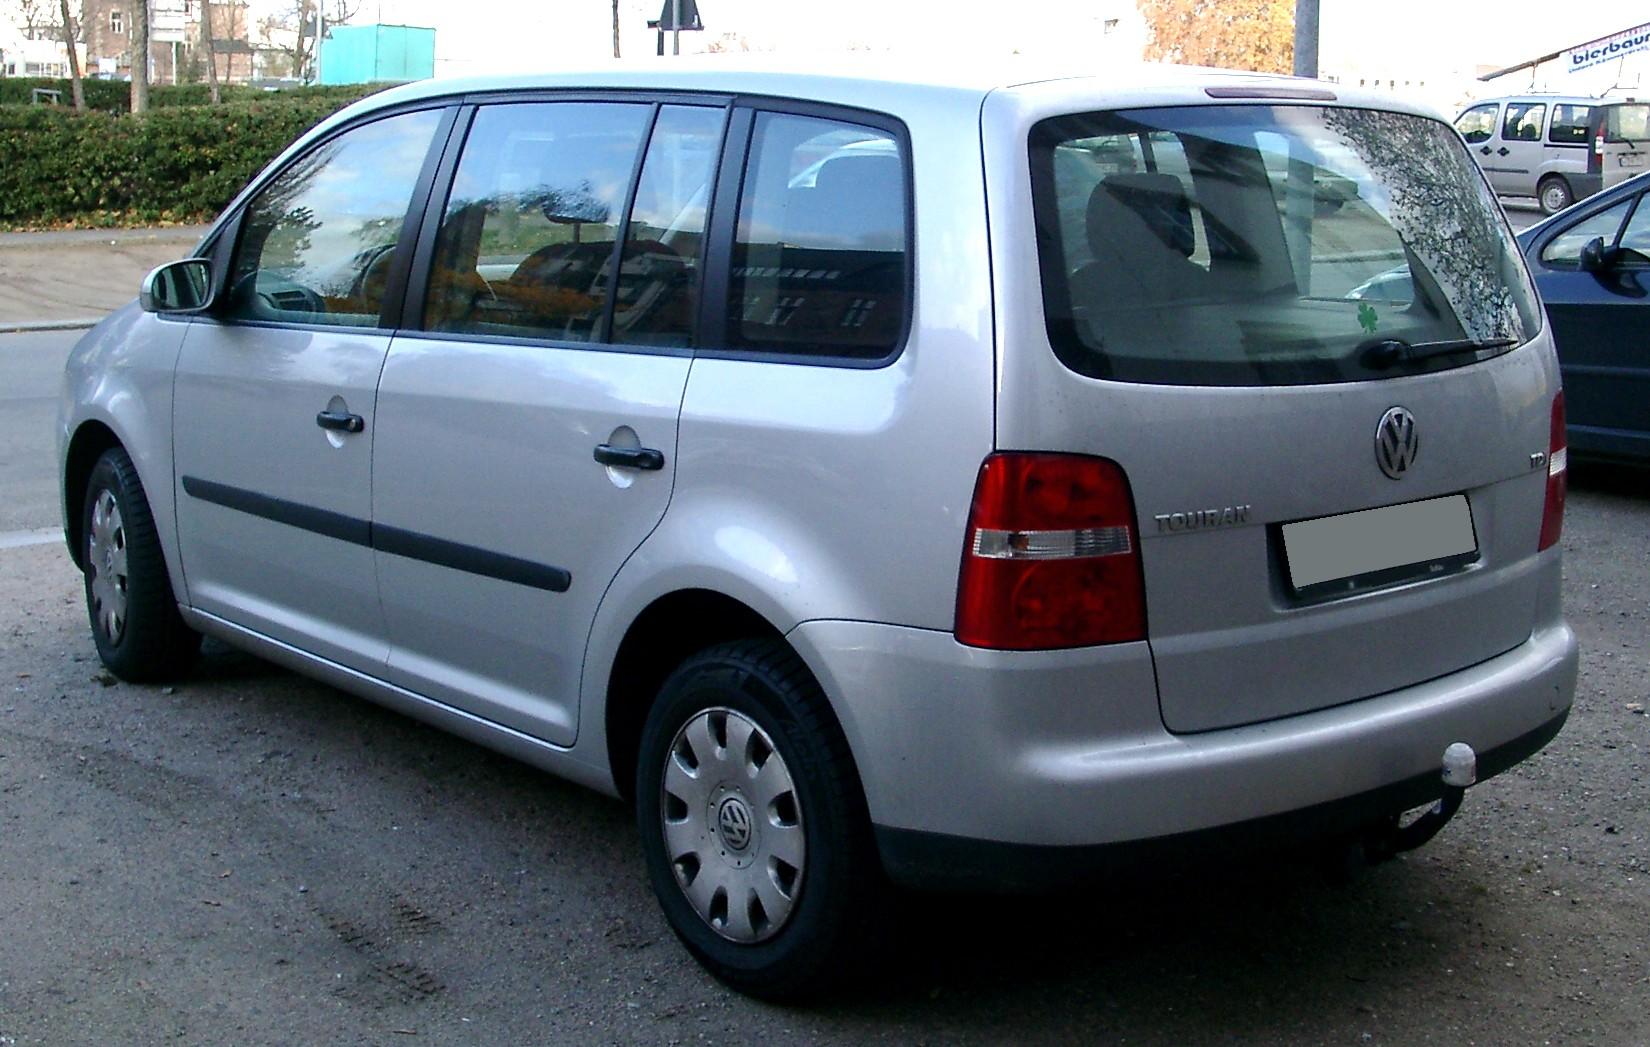 File:VW Touran rear 20071112.jpg - Wikimedia Commons